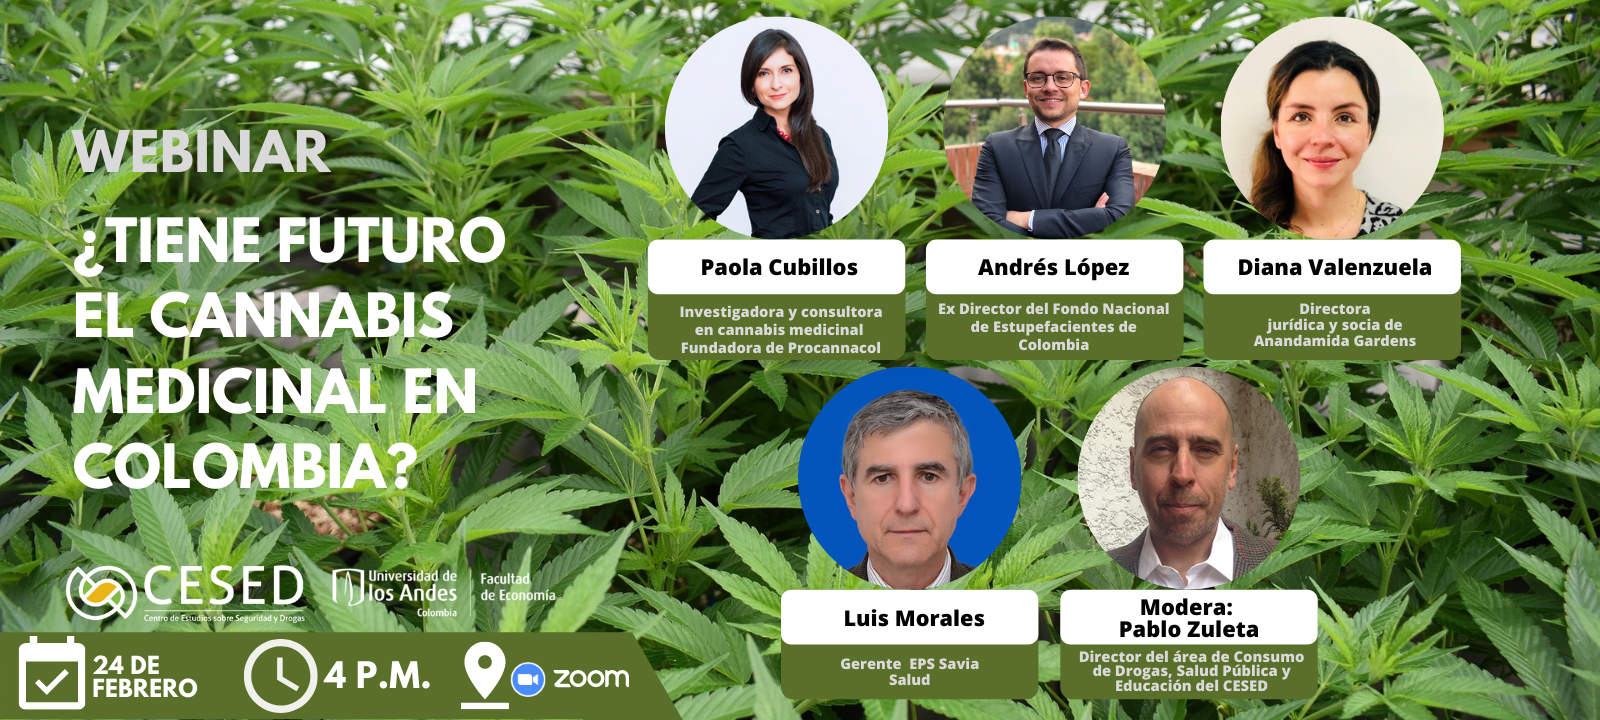 2021-02-24-Webinar-Tiene-futuro-el-cannabis-medicinal-en-colombia.png